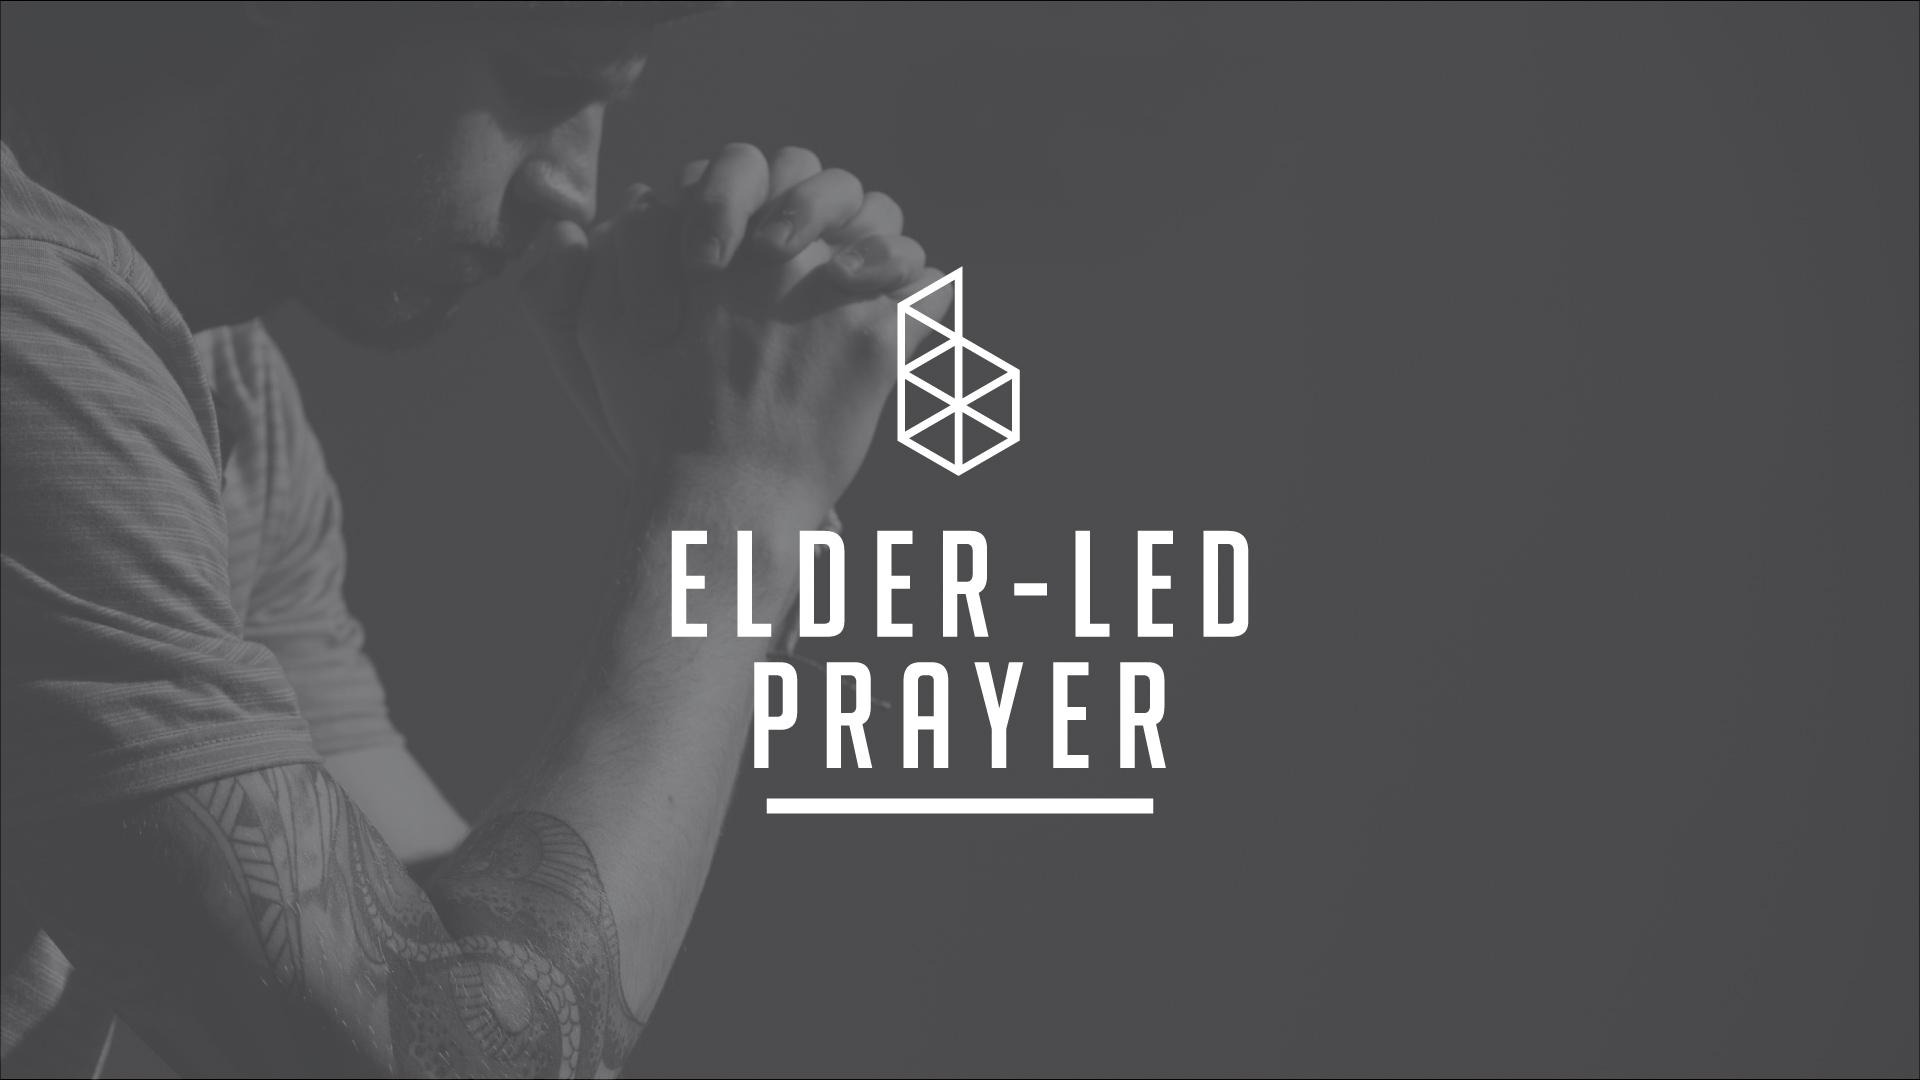 180504 elder led prayer